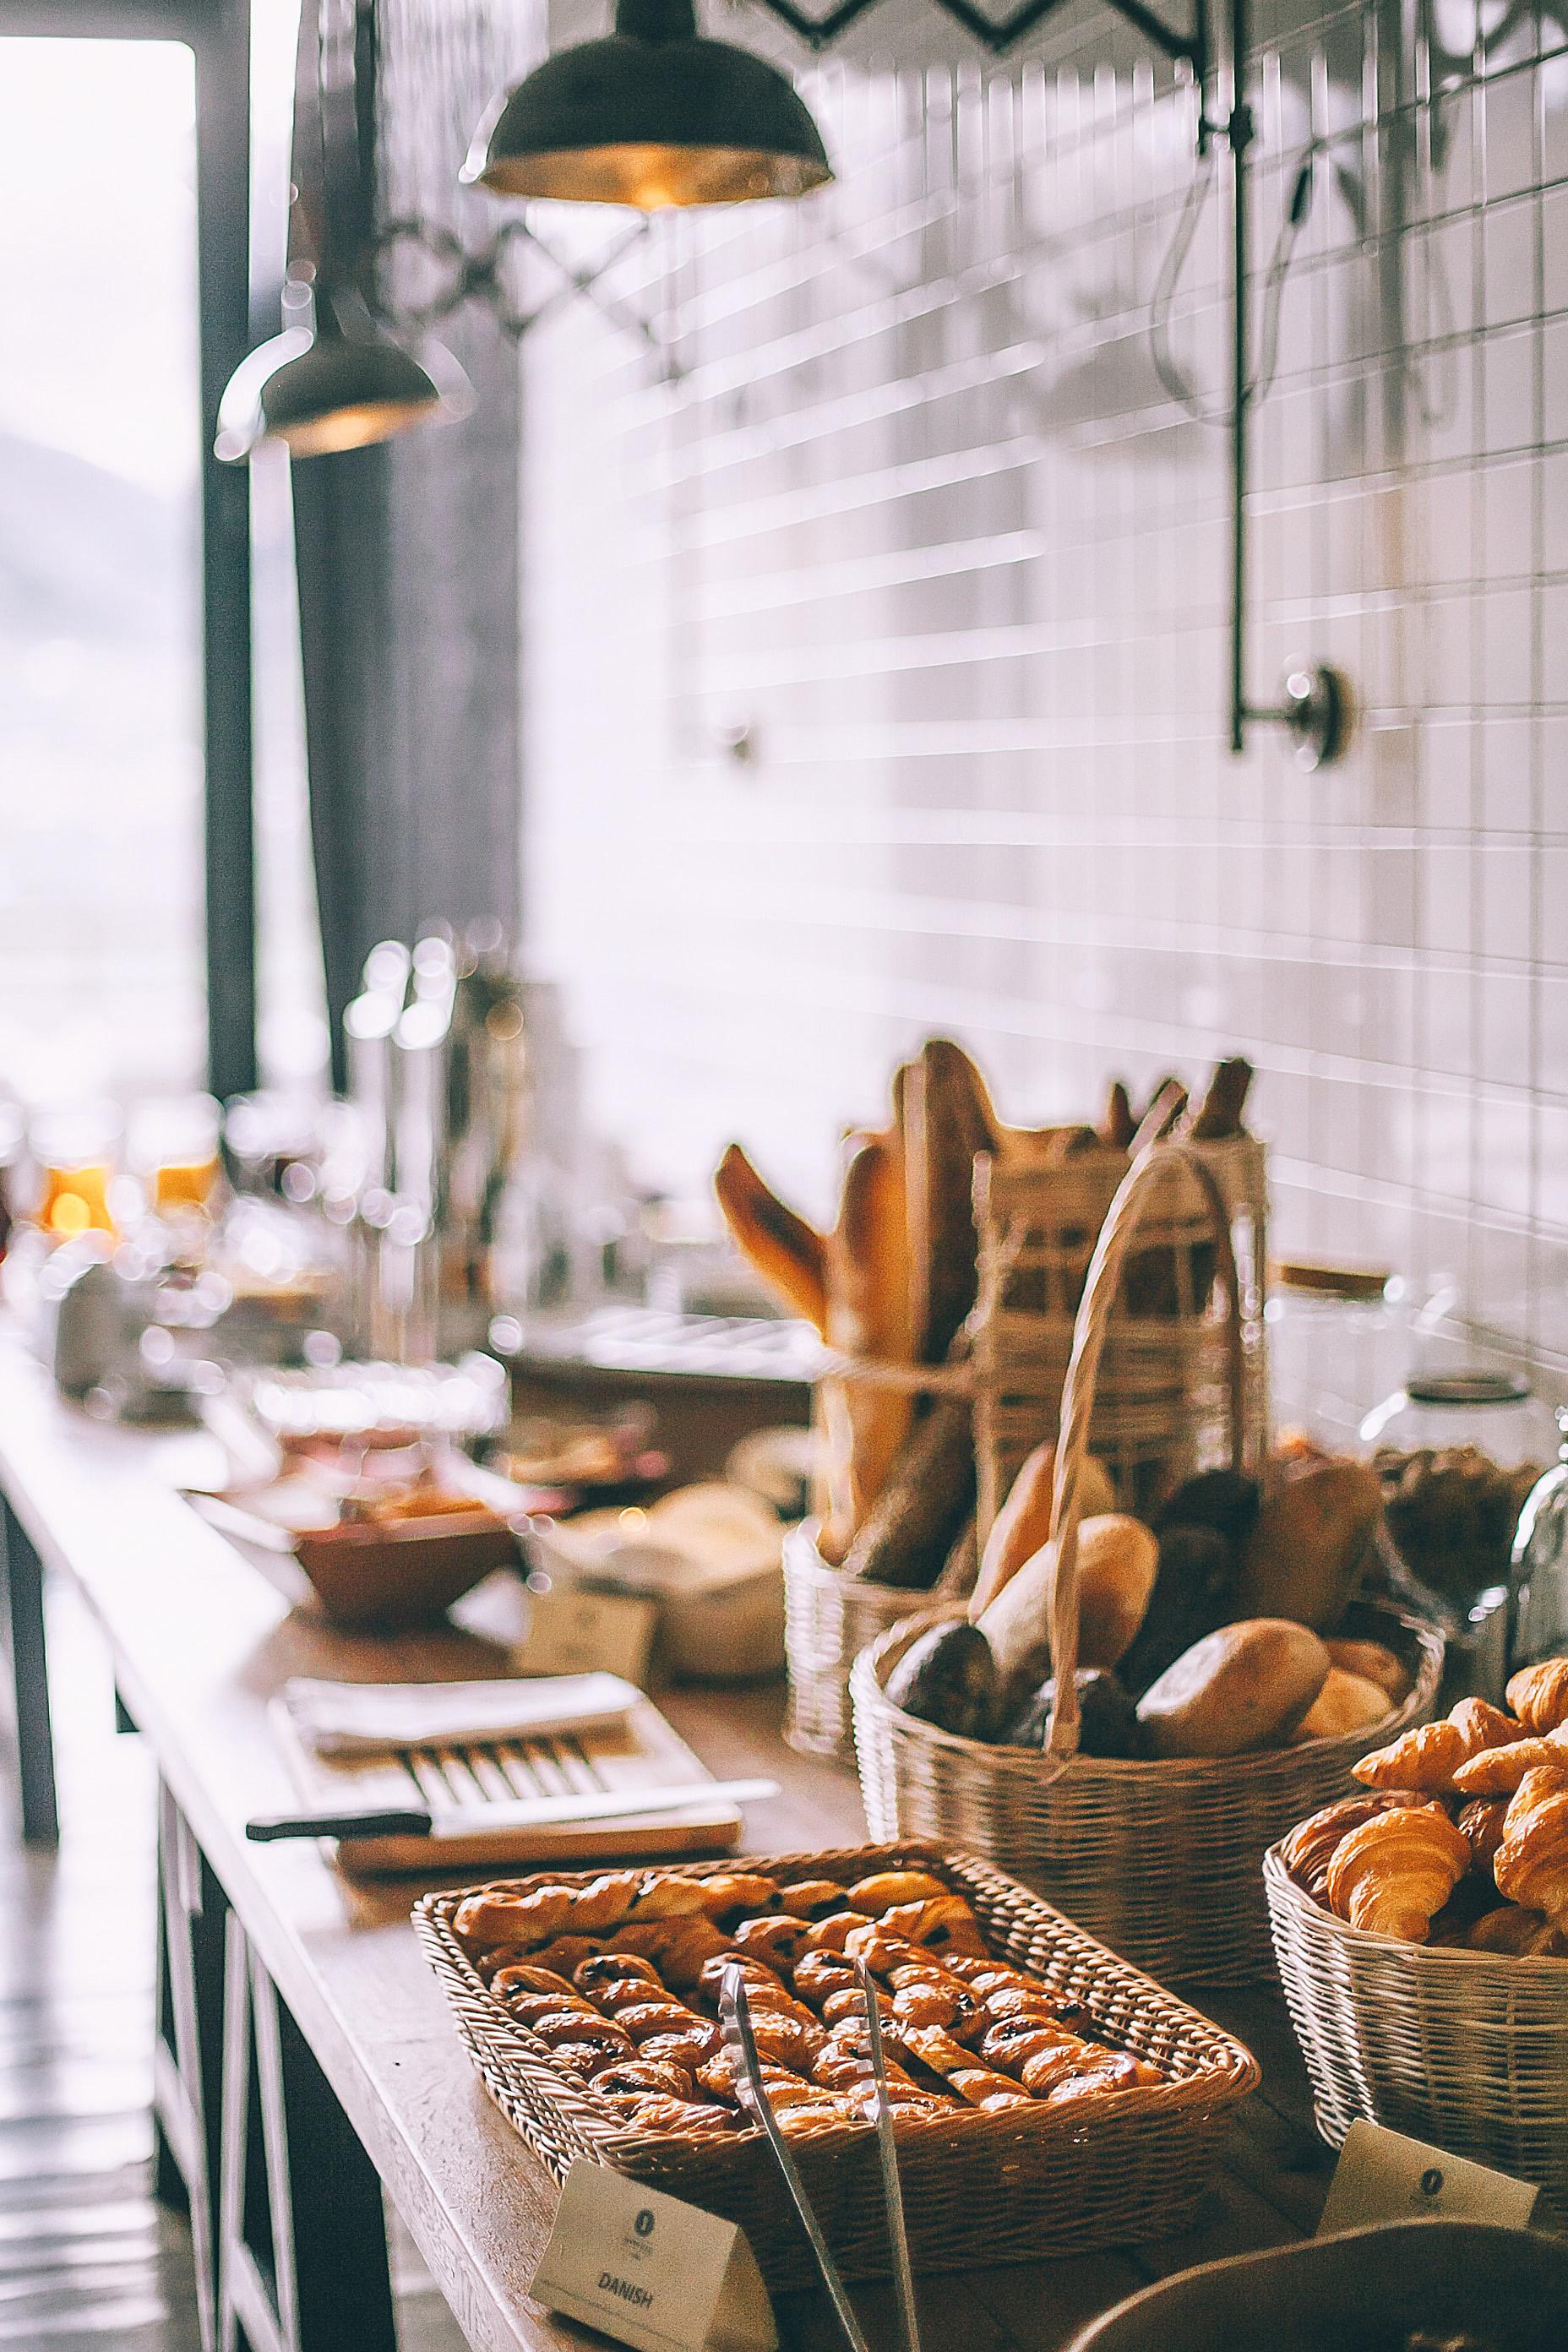 Je eigen brood bakken gaat voortaan gemakkelijk met behulp van dit boek